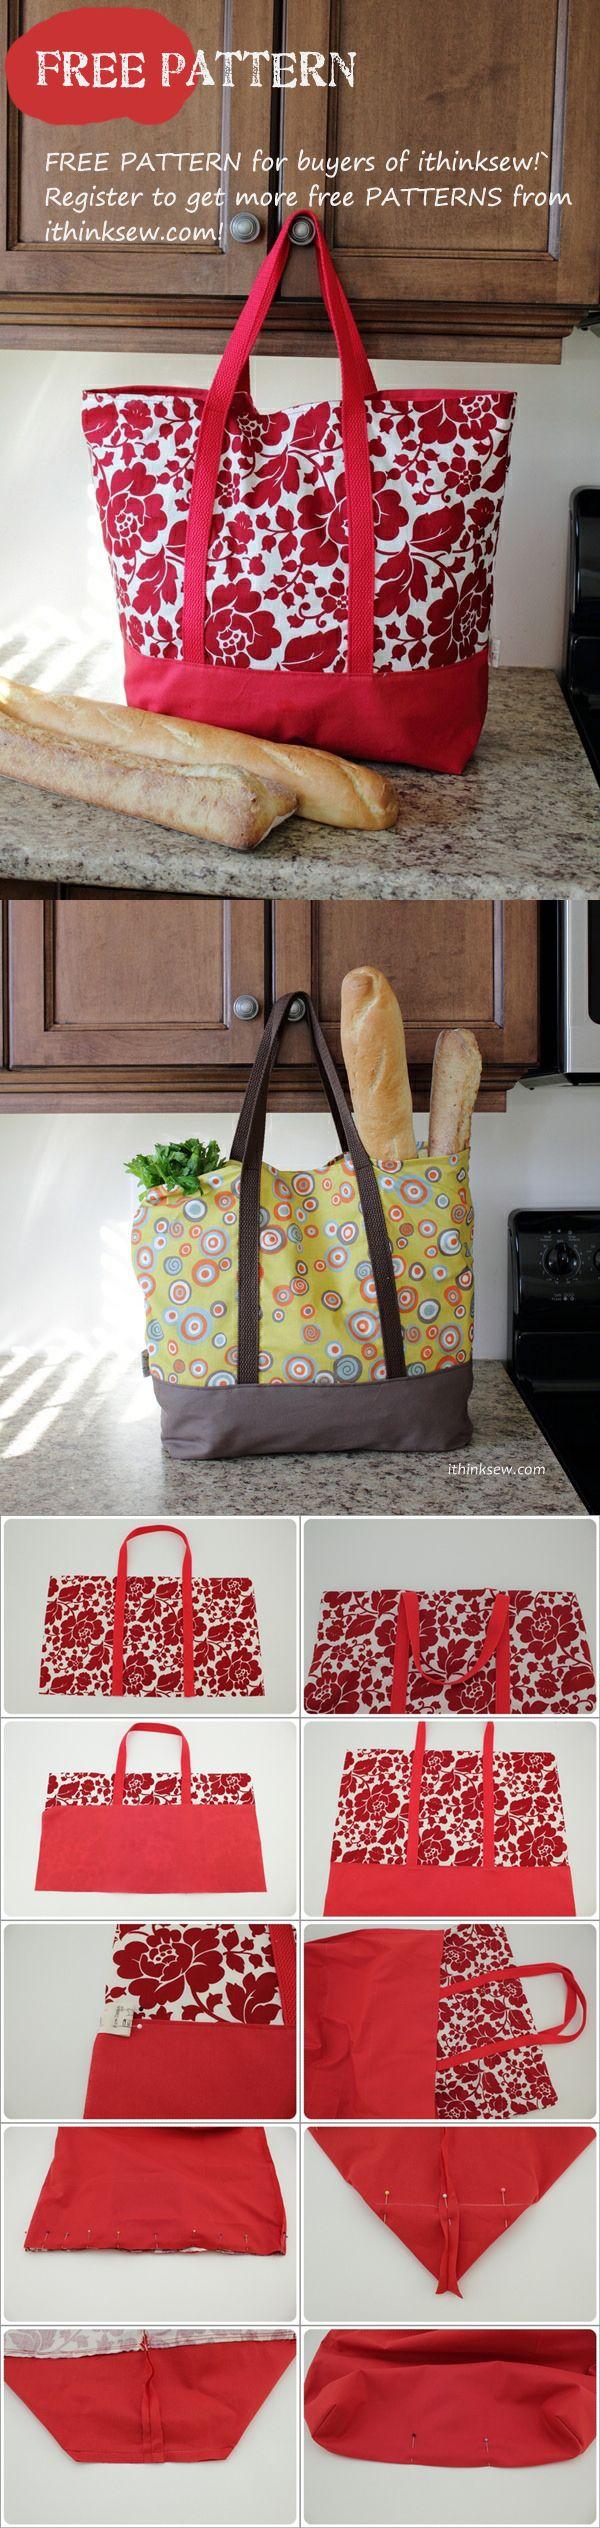 Pin de Patricia en bolsos | Pinterest | Bolsos, Bolsa y Costura